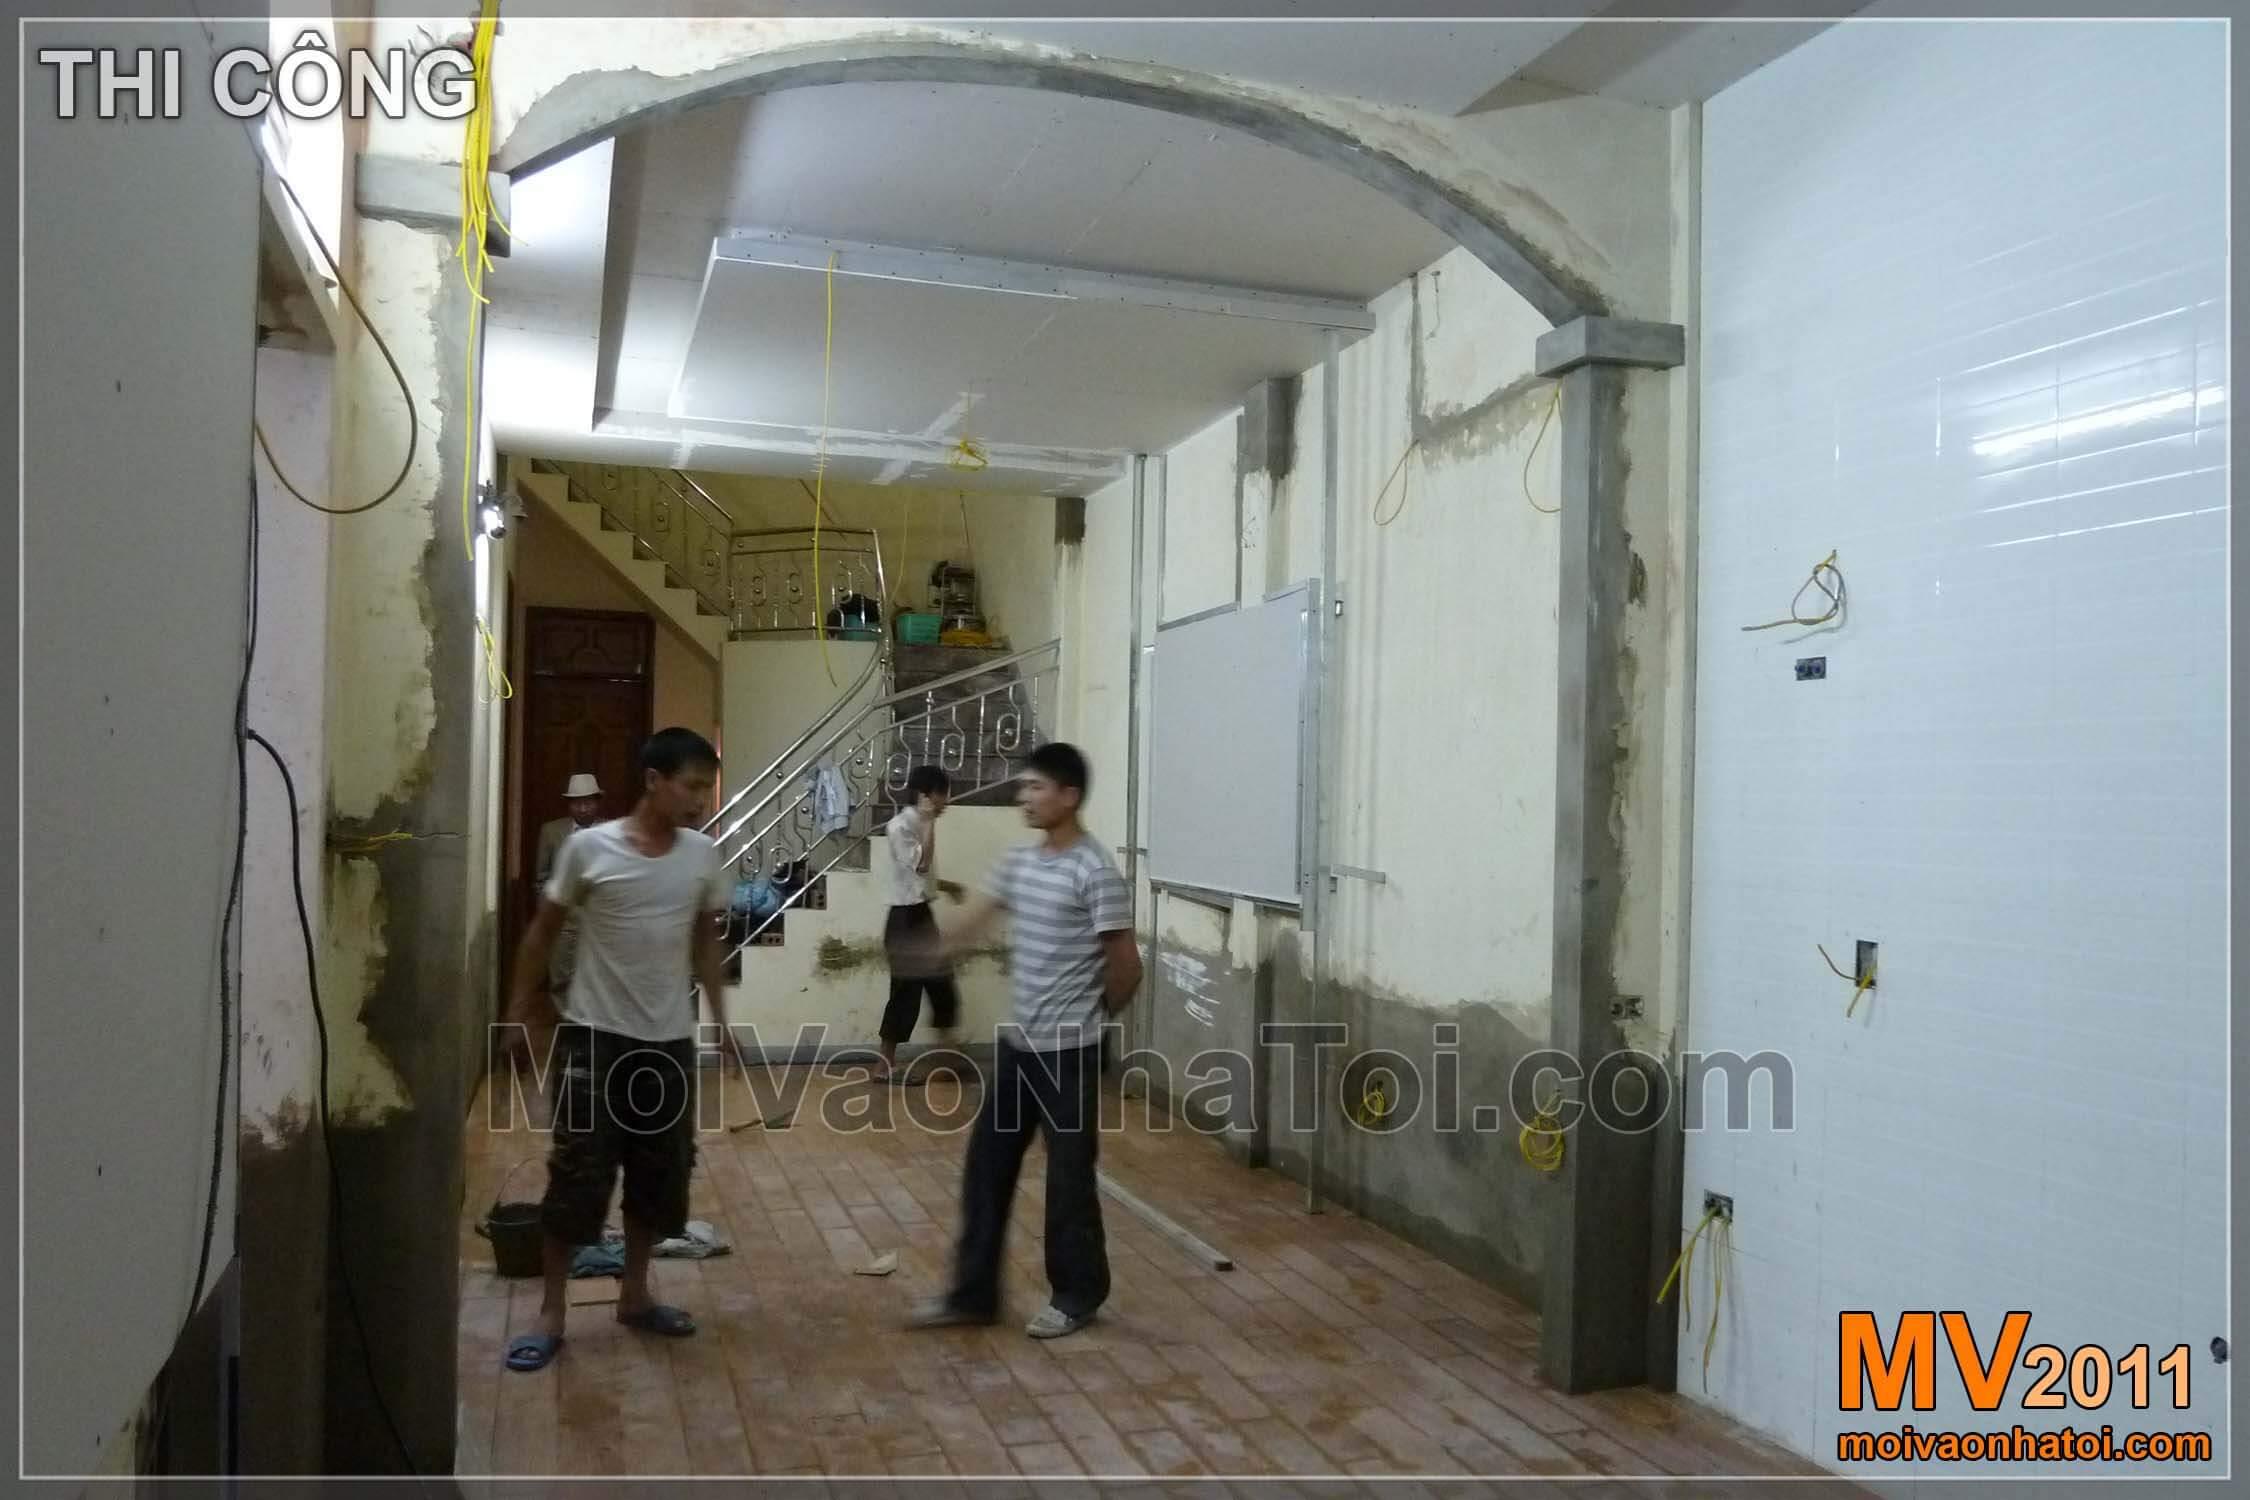 Sau khi đục tường, căn nhà như rộng hơn, phòng khách đẹp hơn